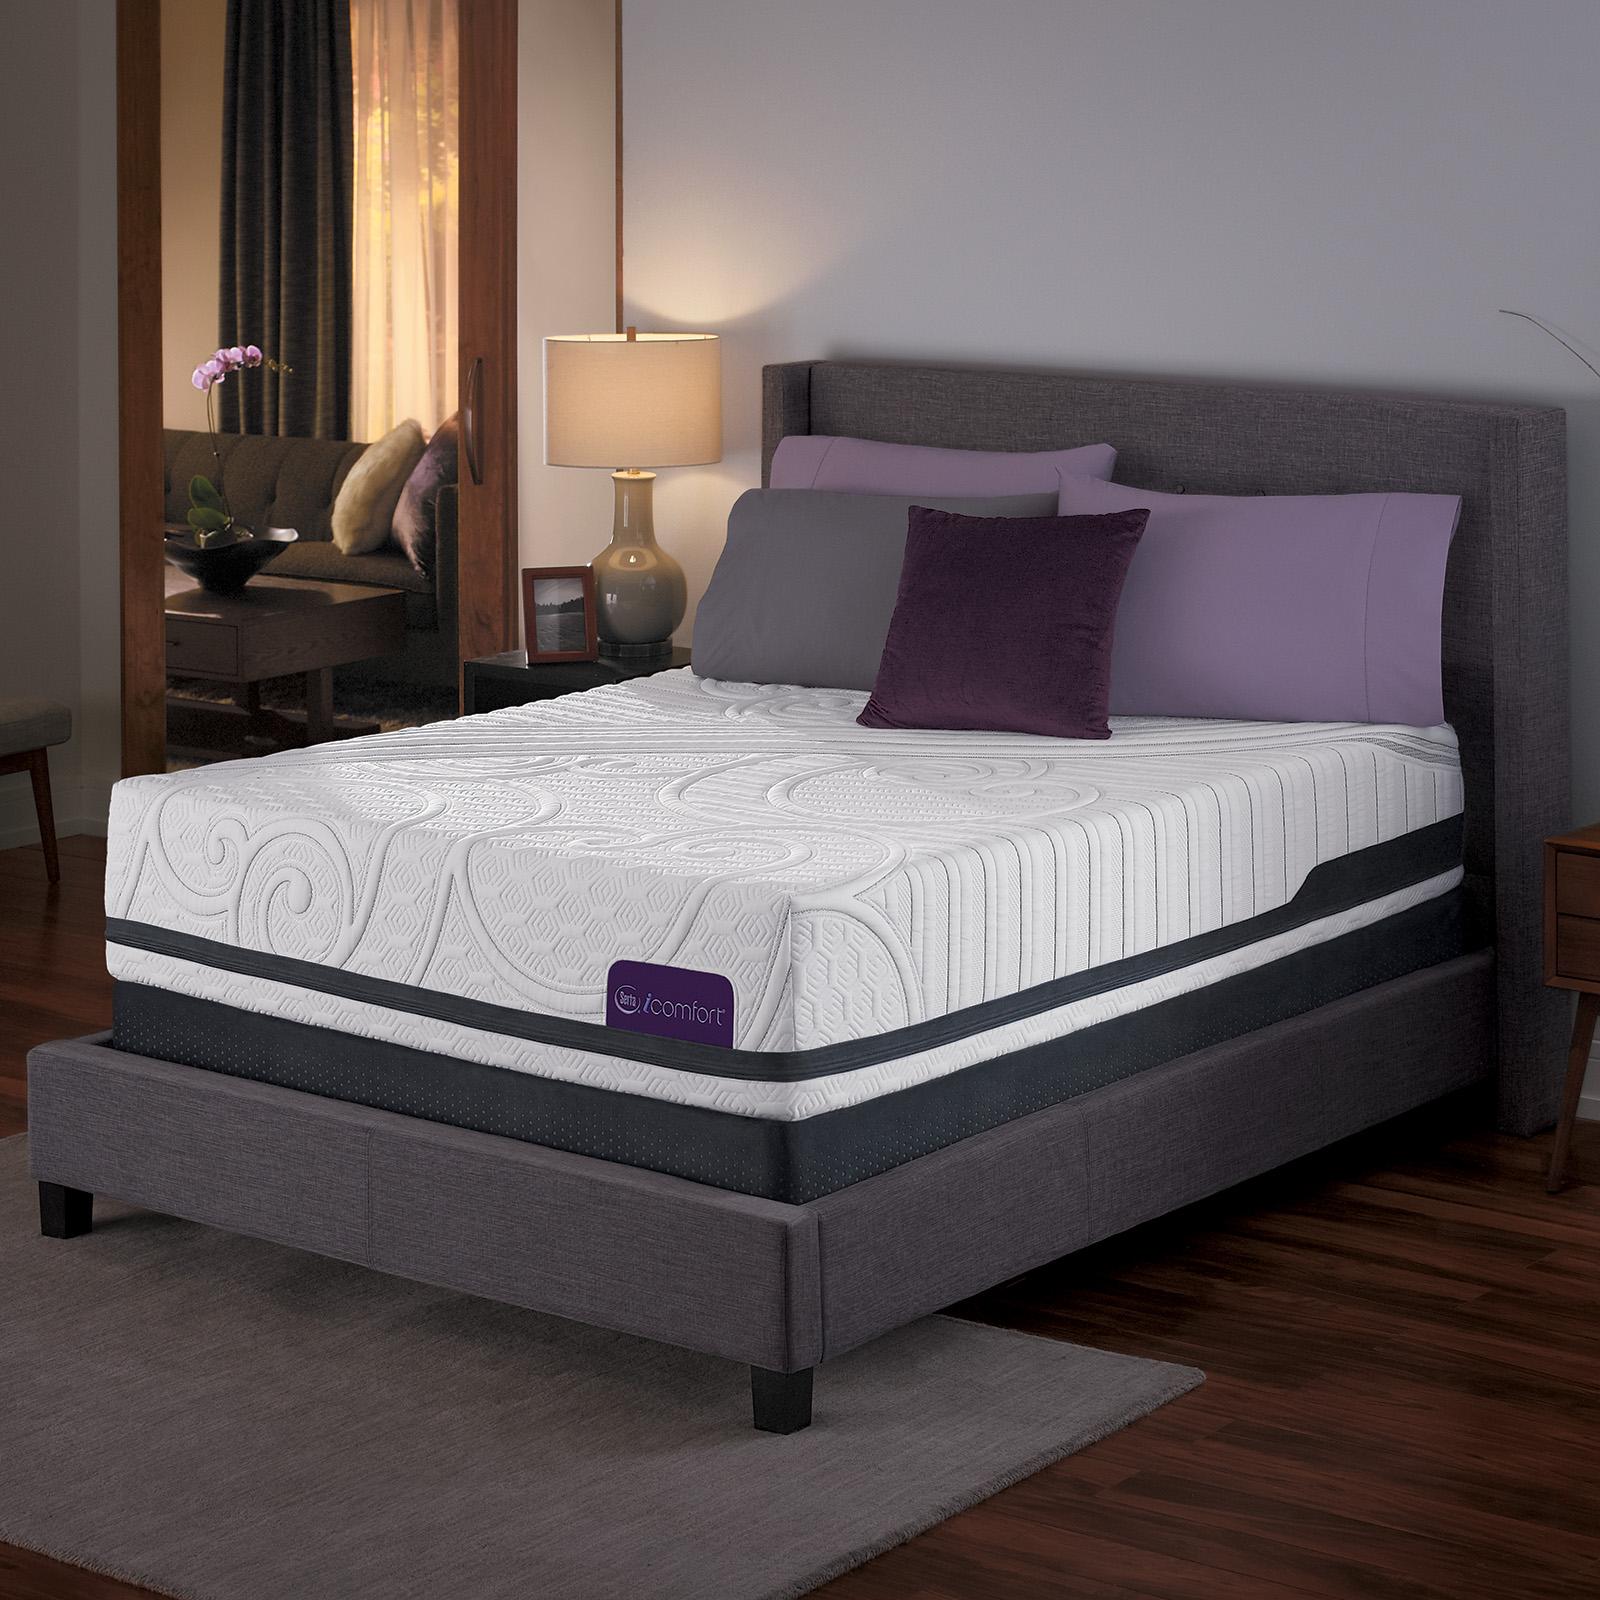 serta serta prodigy iii king mattress 1